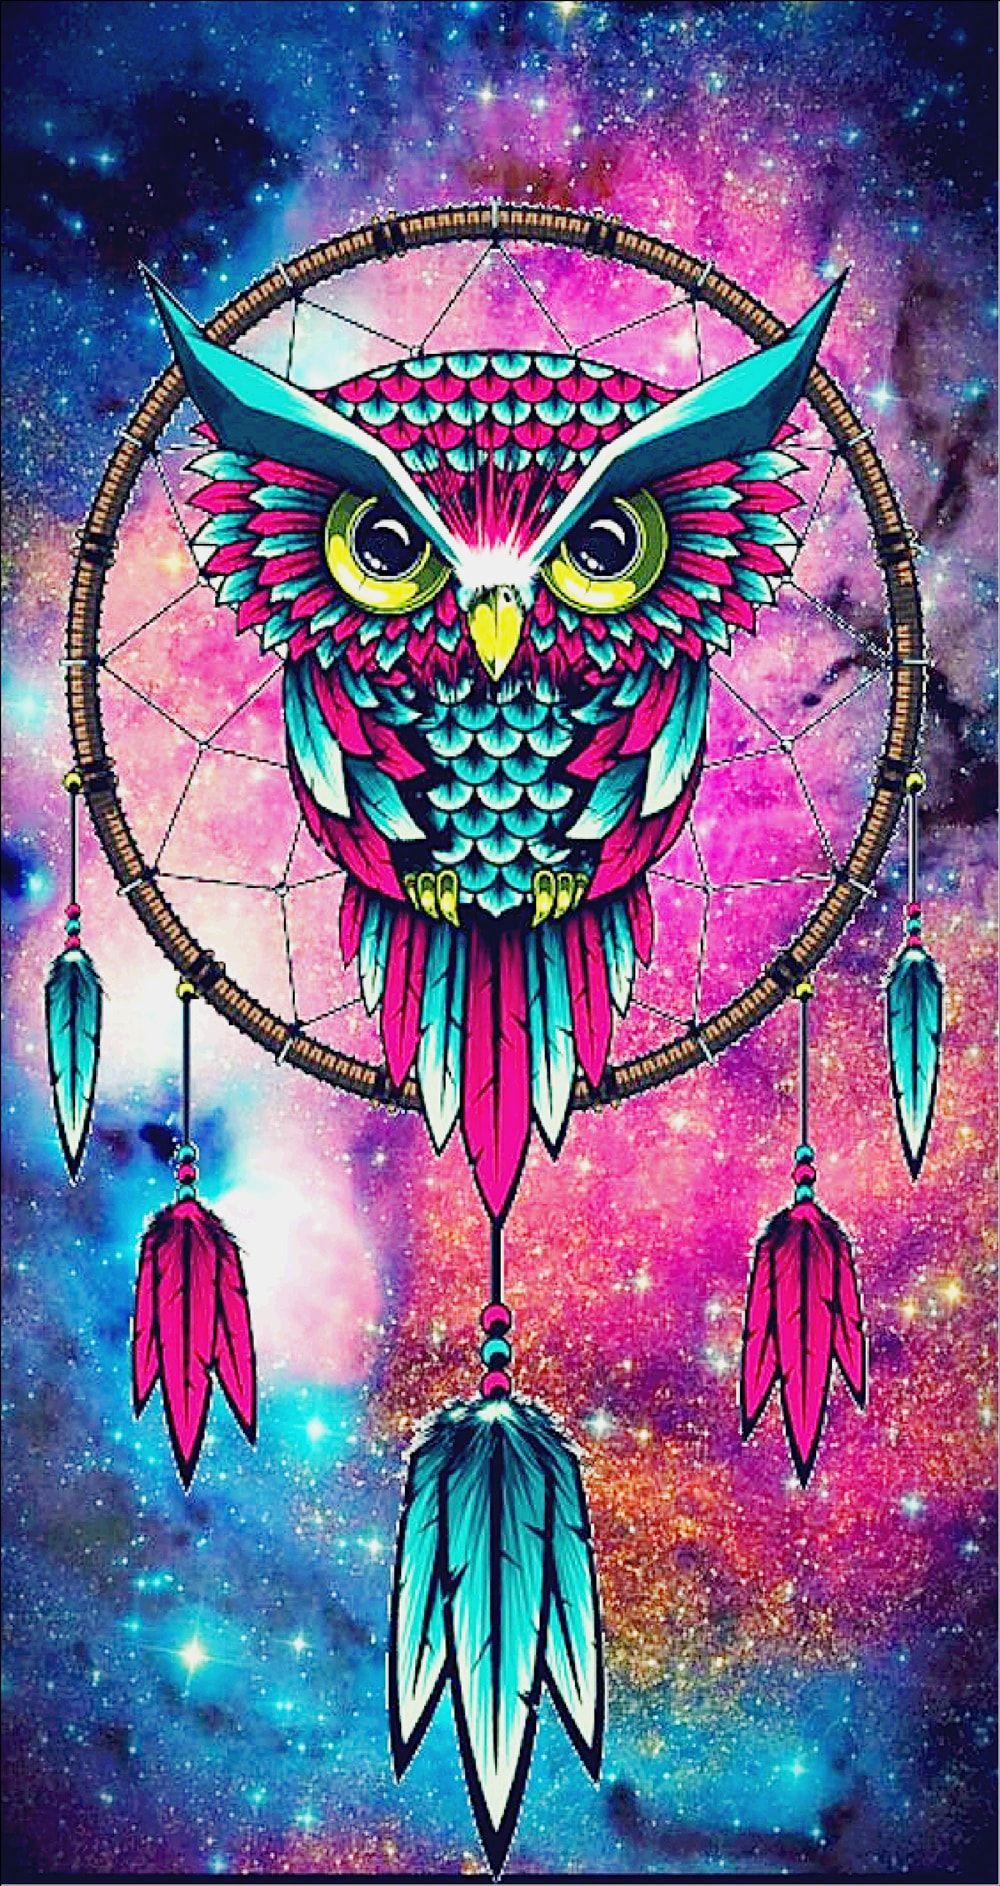 Dream Weaver Owl Psychedelic Dreamcatcher Wallpaper Owl Wallpaper Owl Dream Catcher